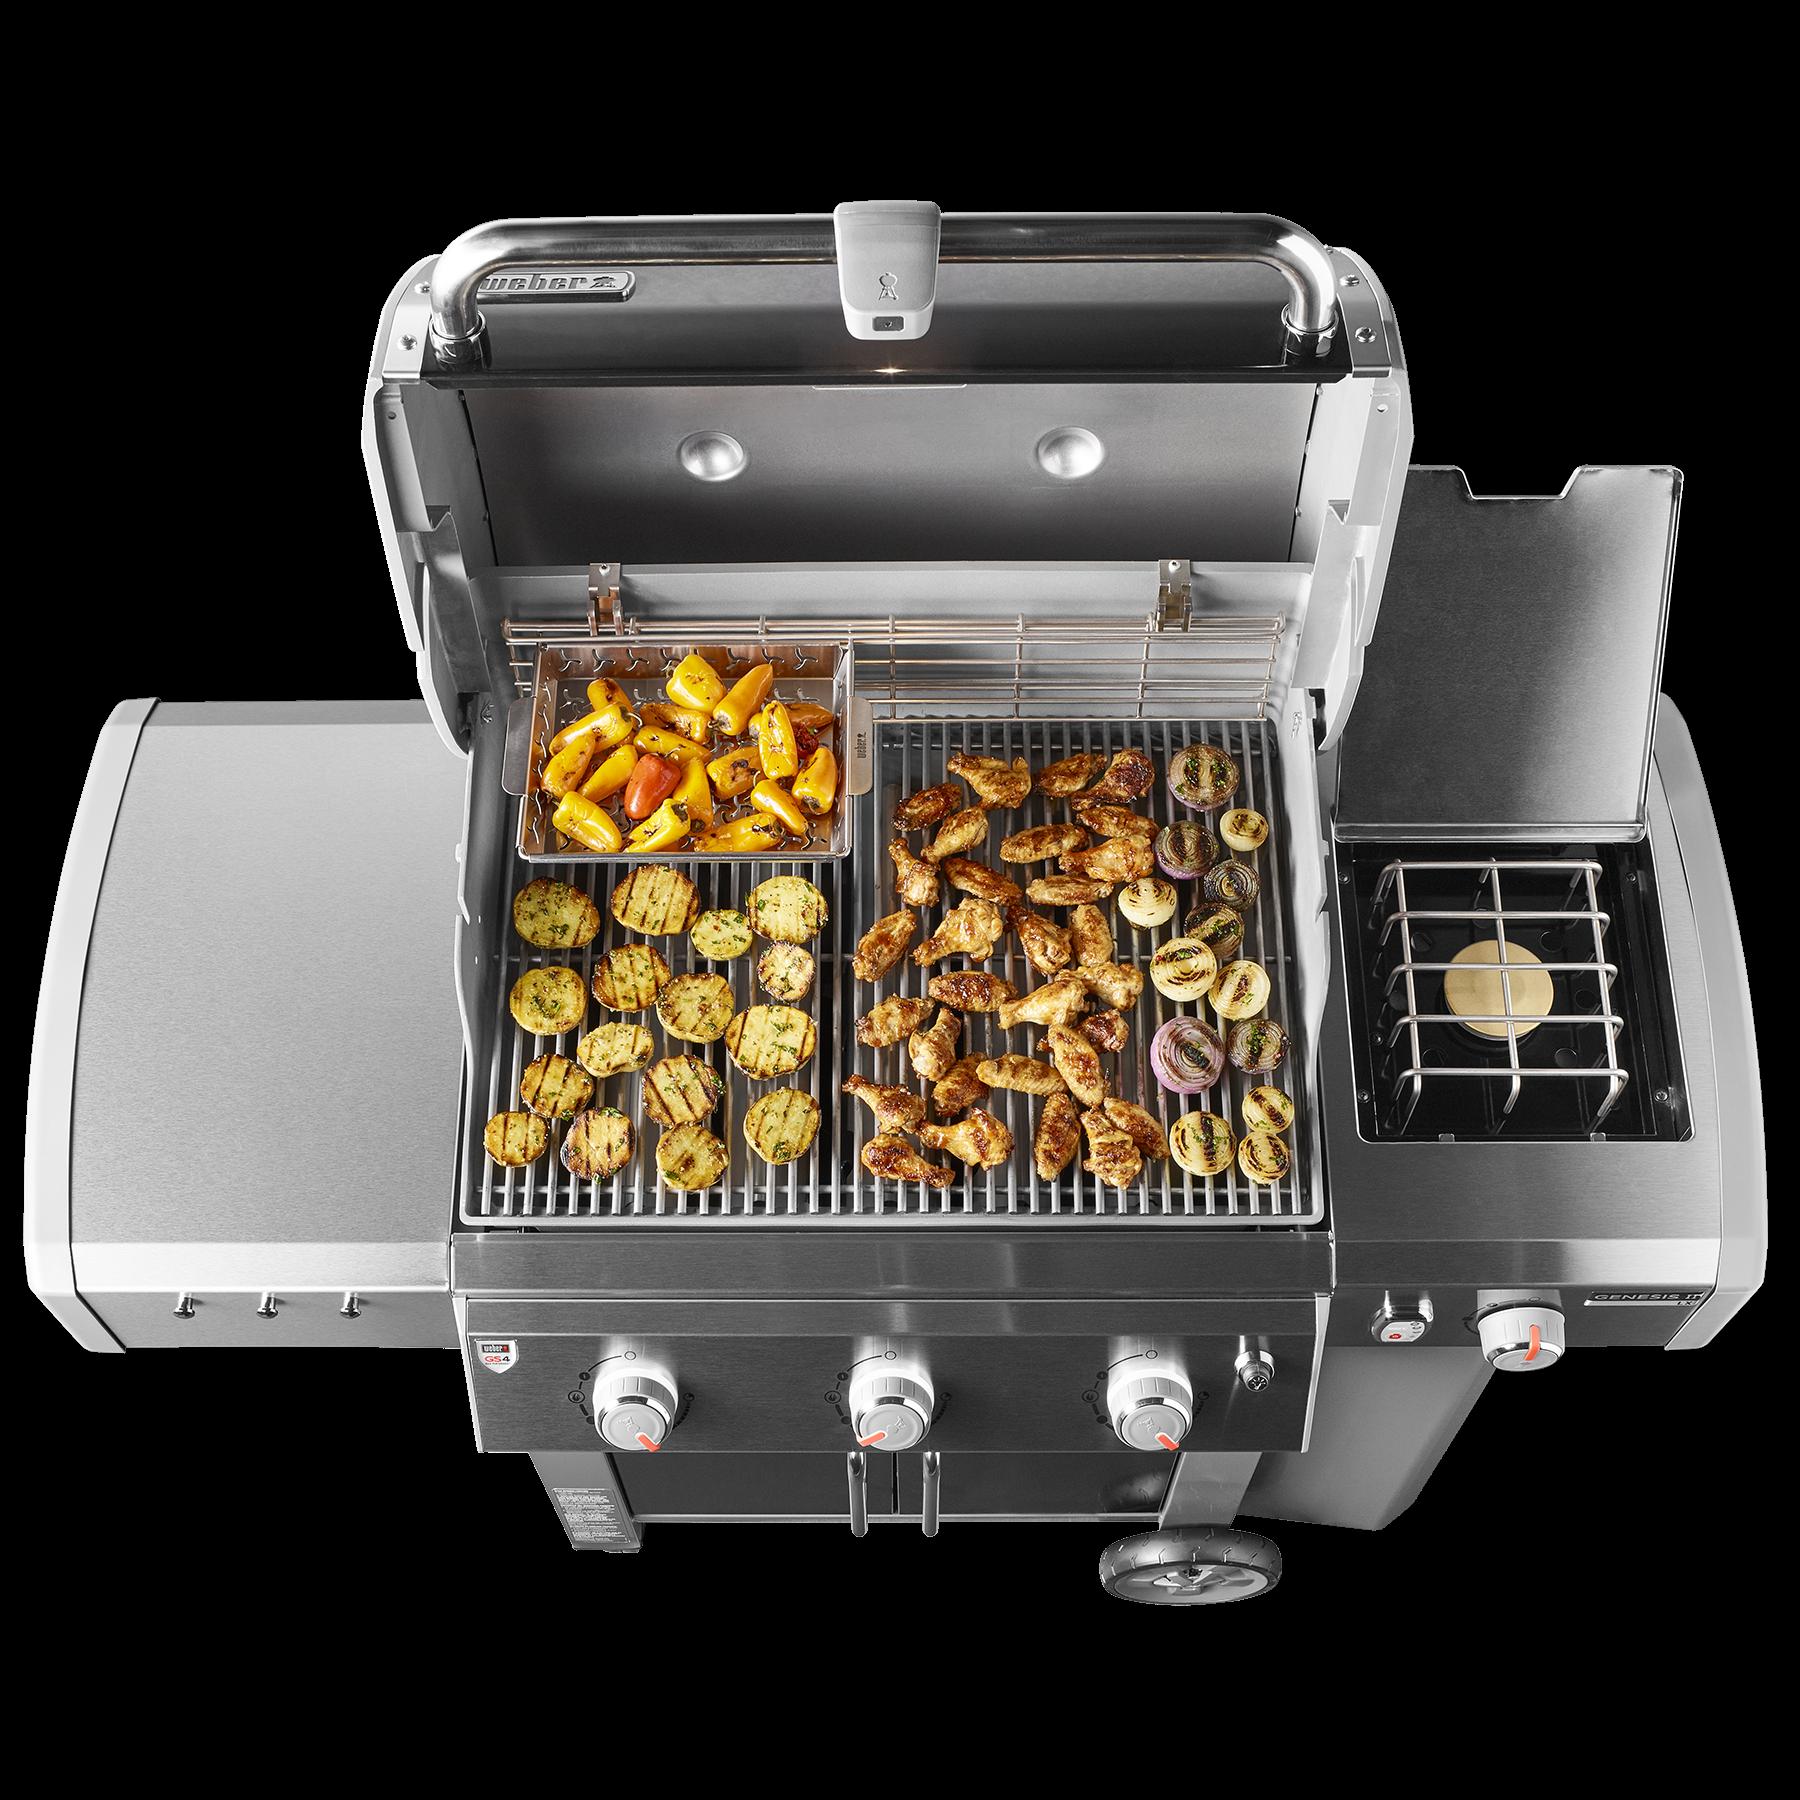 Genesis® II LX E-340 GBS Gas Barbecue